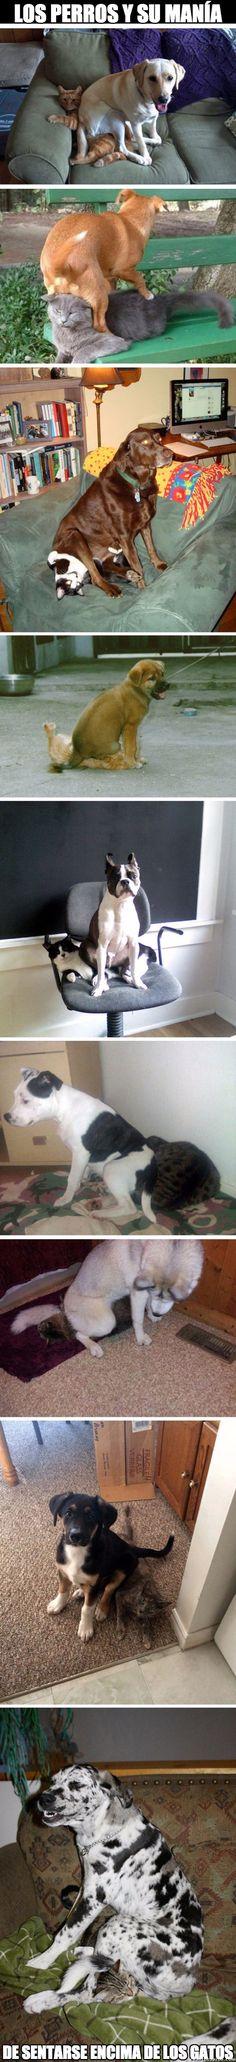 ¿Alguna vez te habías fijado en esta manía de los perros?        Gracias a http://www.cuantocabron.com/   Si quieres leer la noticia completa visita: http://www.estoy-aburrido.com/alguna-vez-te-habias-fijado-en-esta-mania-de-los-perros/